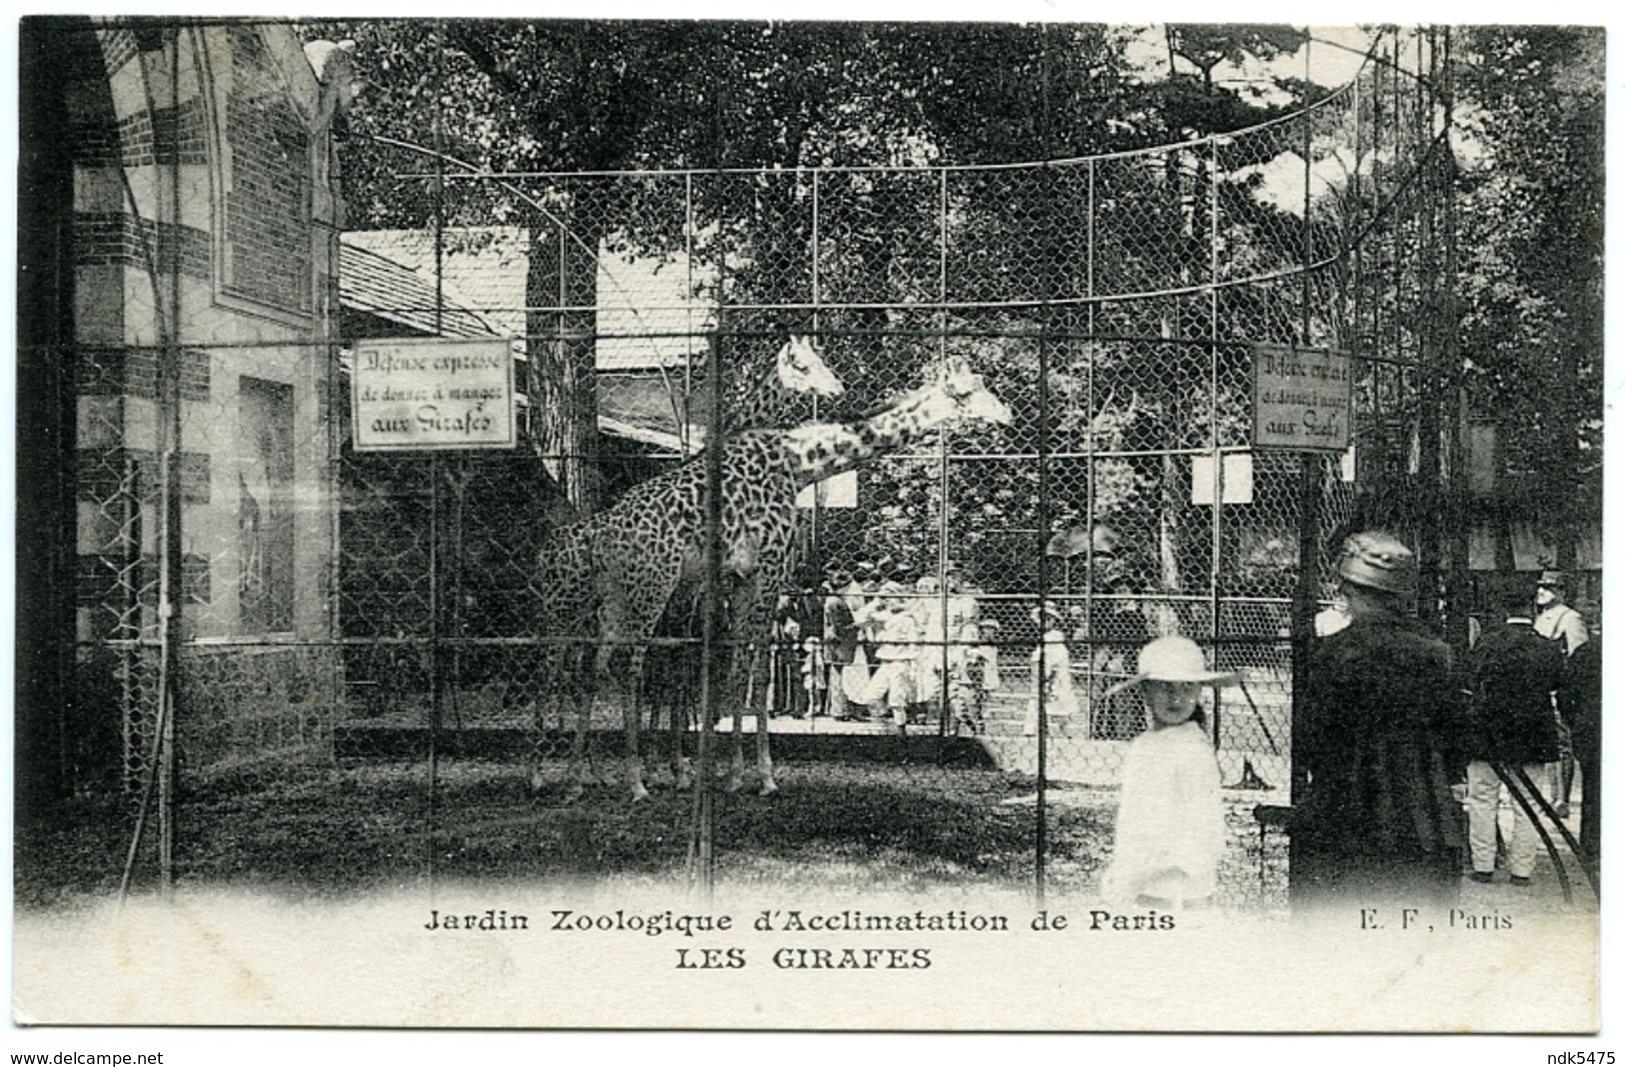 France 75 paris jardin zoologique d 39 acclimatation de - Musee en herbe jardin d acclimatation ...